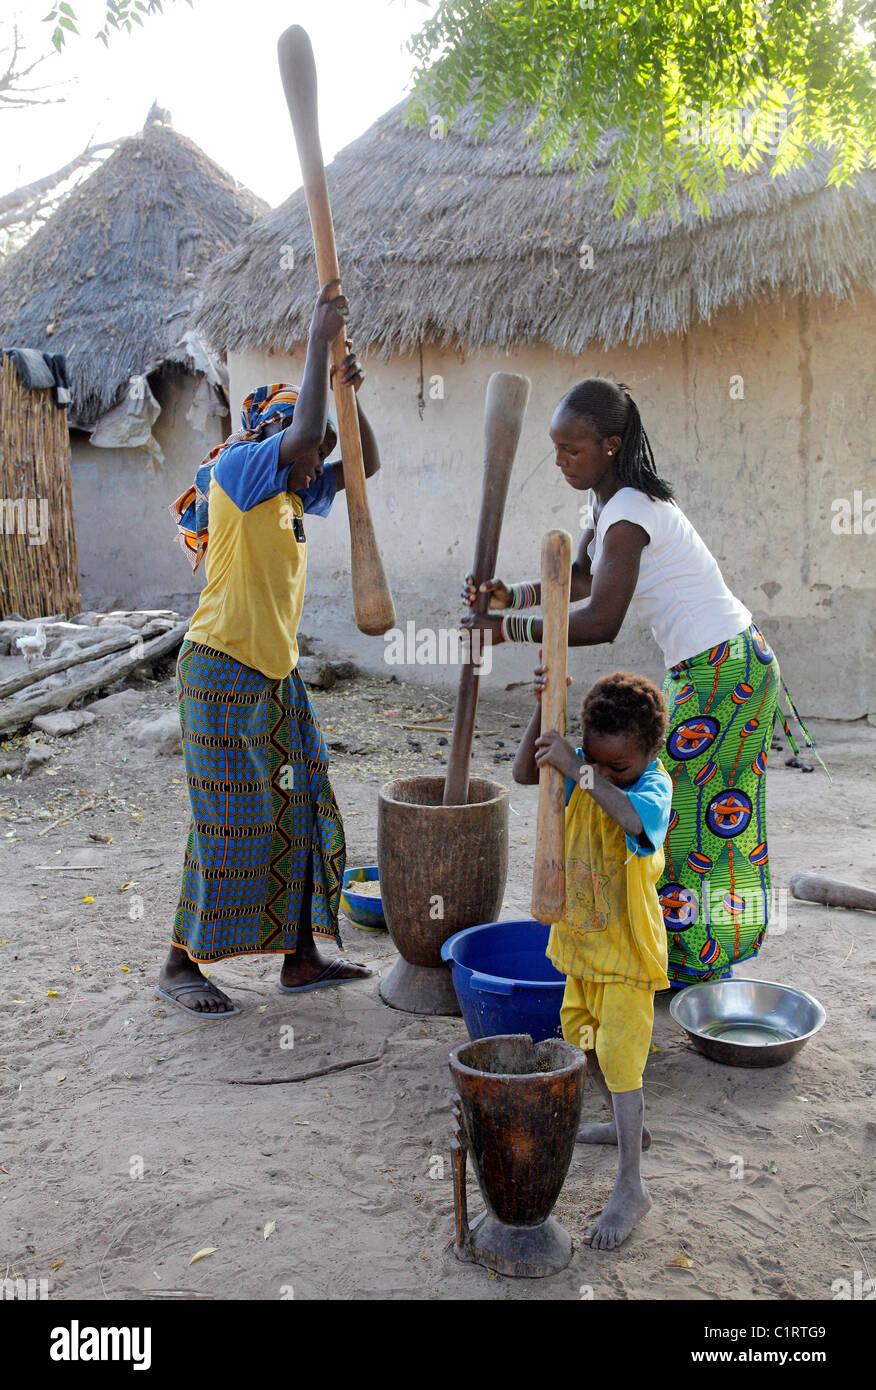 Femme et enfant battre le mil, maïs, sorgoum à l'aide de mortier et pestel. Sénégal Photo Stock